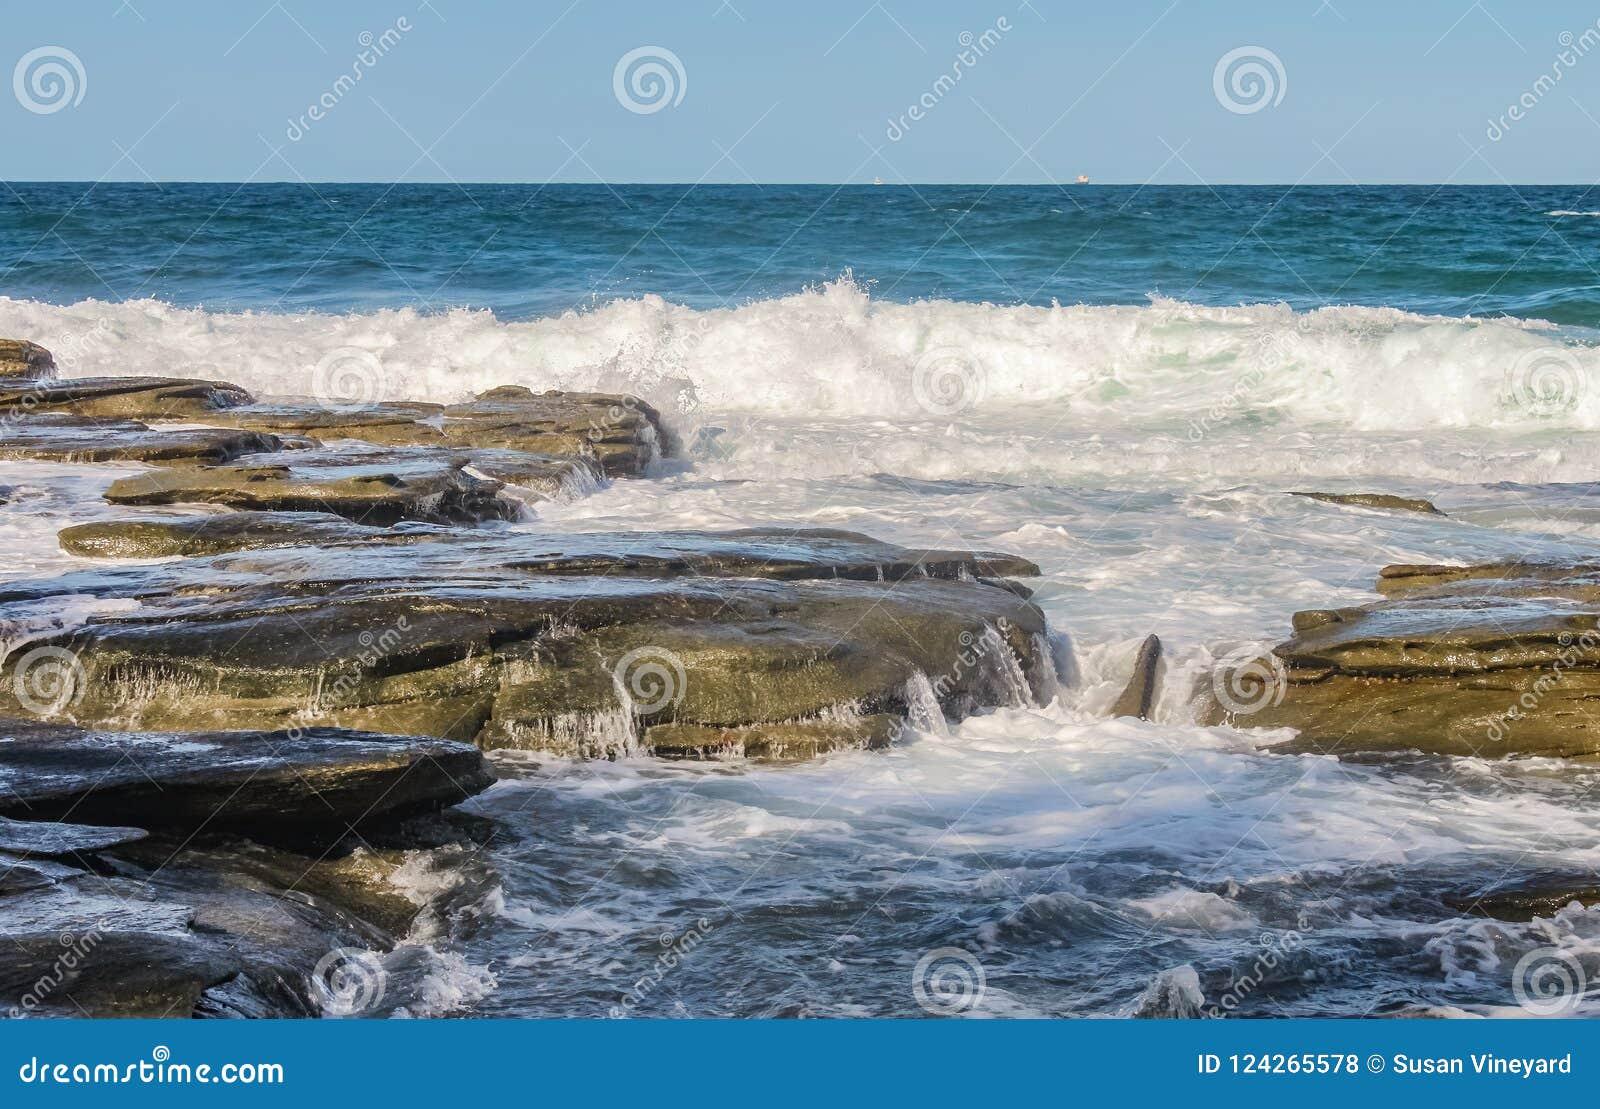 De oceaangolven verpletteren tegen eeuwigheden oude vulkanische rots en waterlooppas en onderbrekingen de steen - met uiterst kle